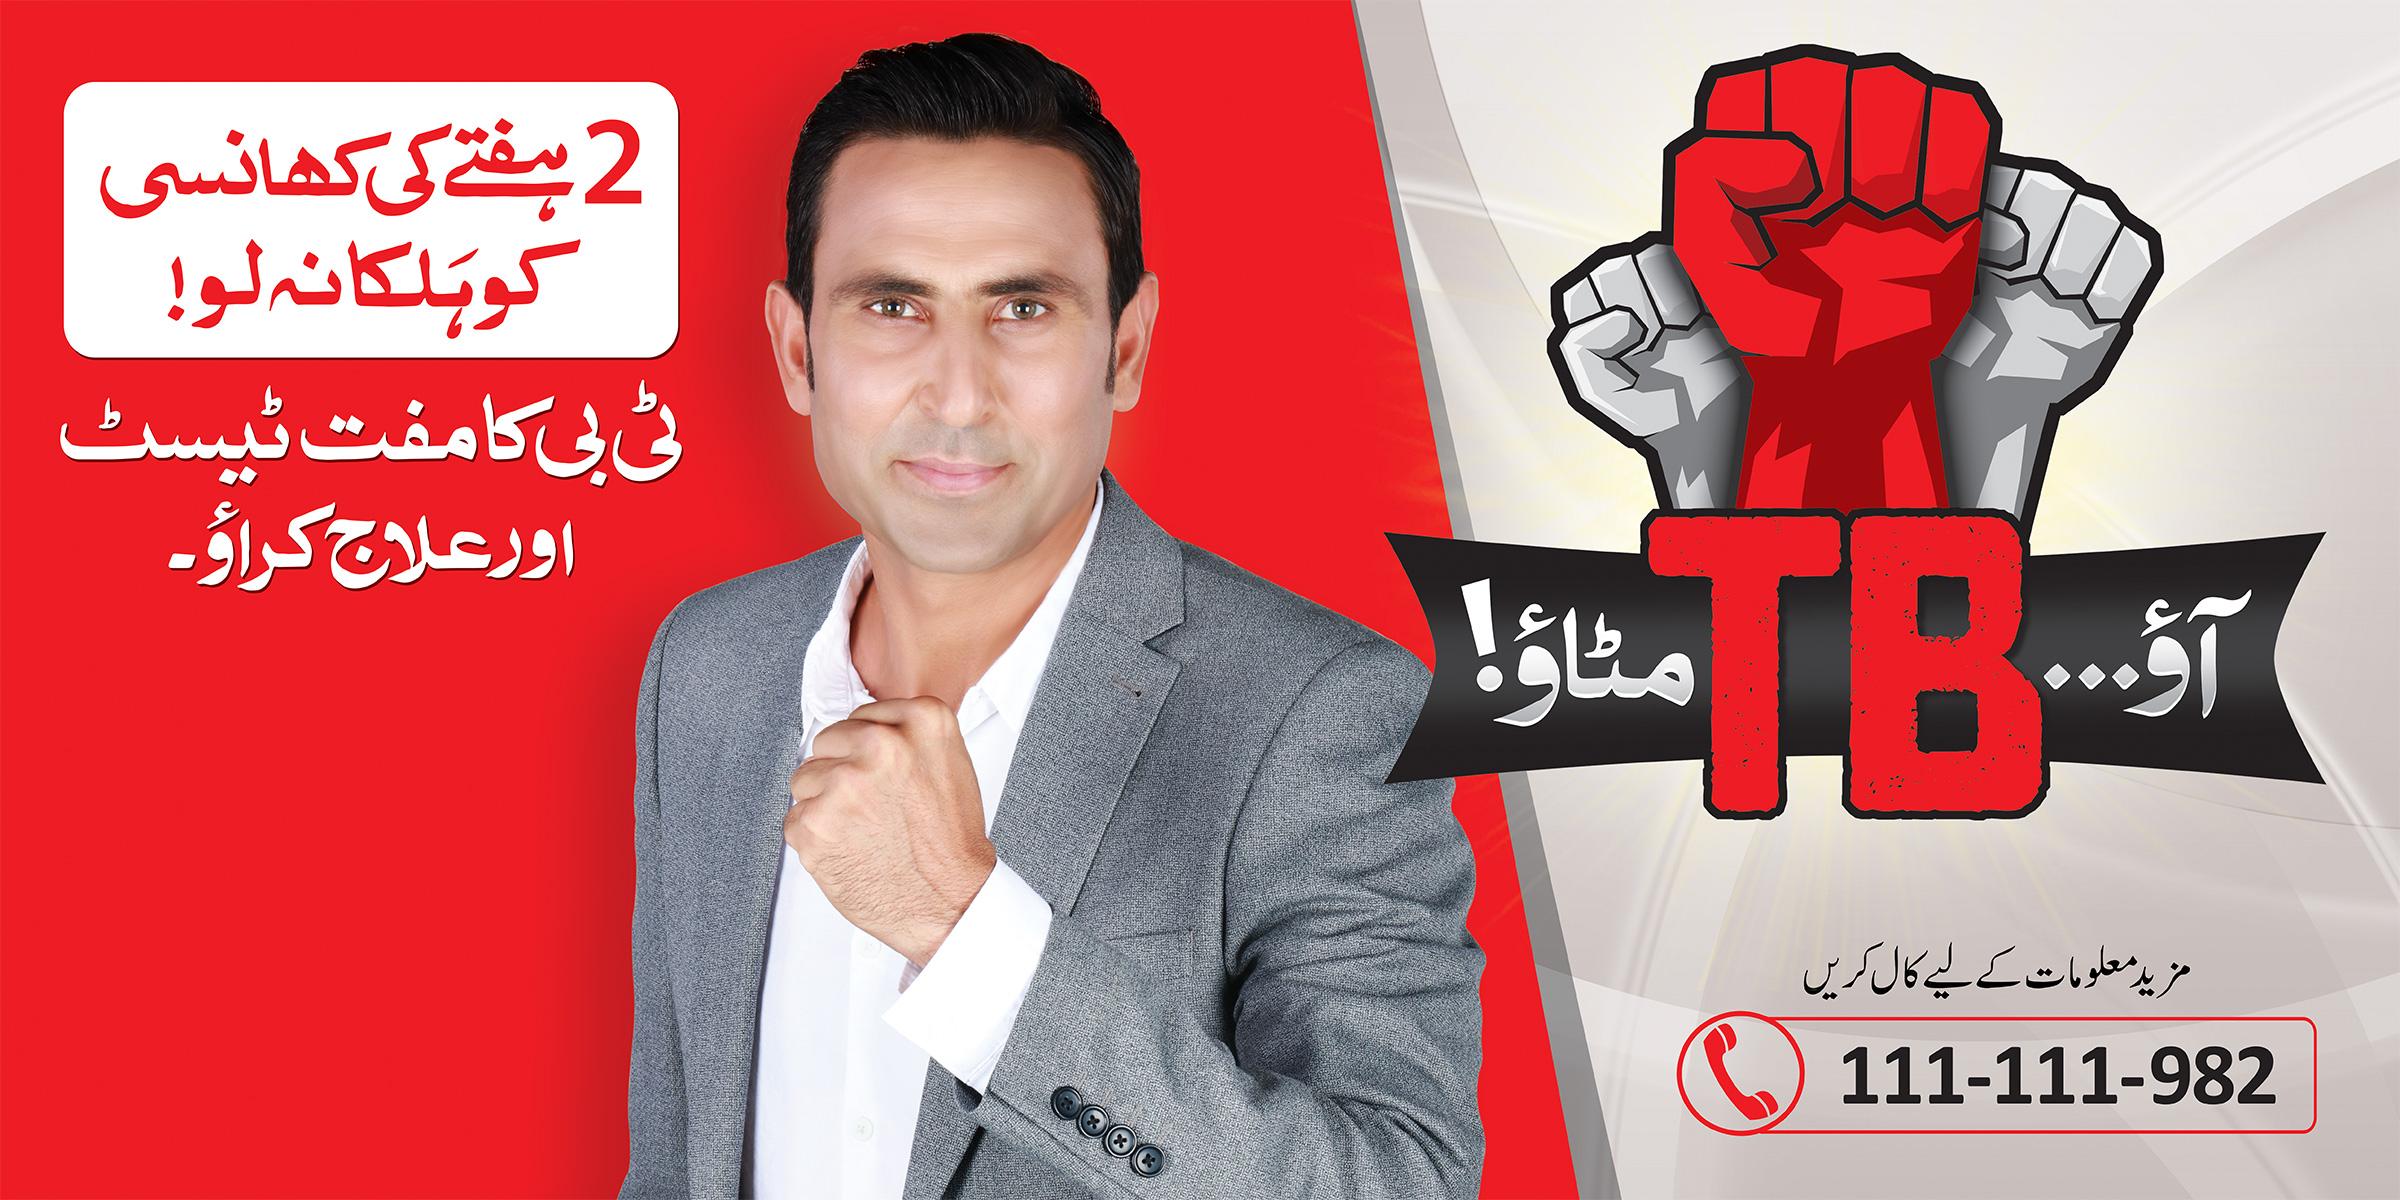 2019_pk_2019_e-142-972_hero_1